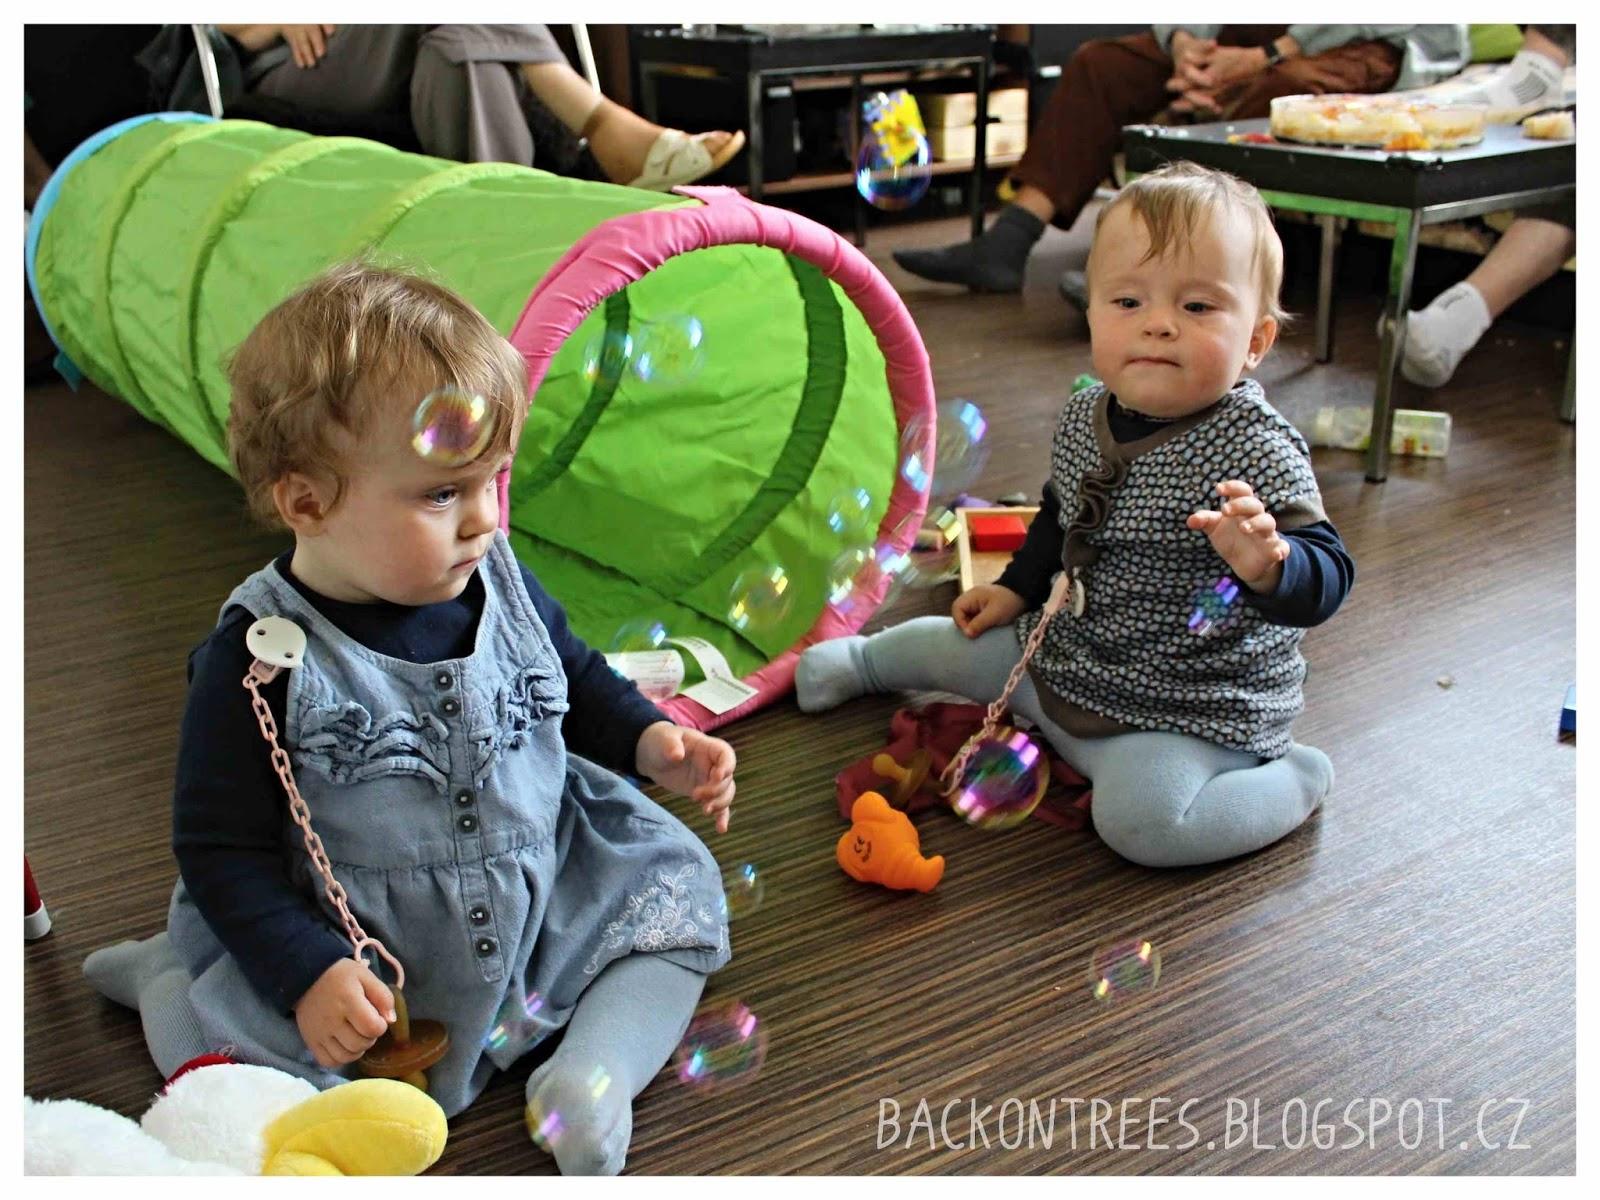 hračky k 1 narozeninám Dárky k prvním narozeninám   backontrees.czbackontrees.cz hračky k 1 narozeninám